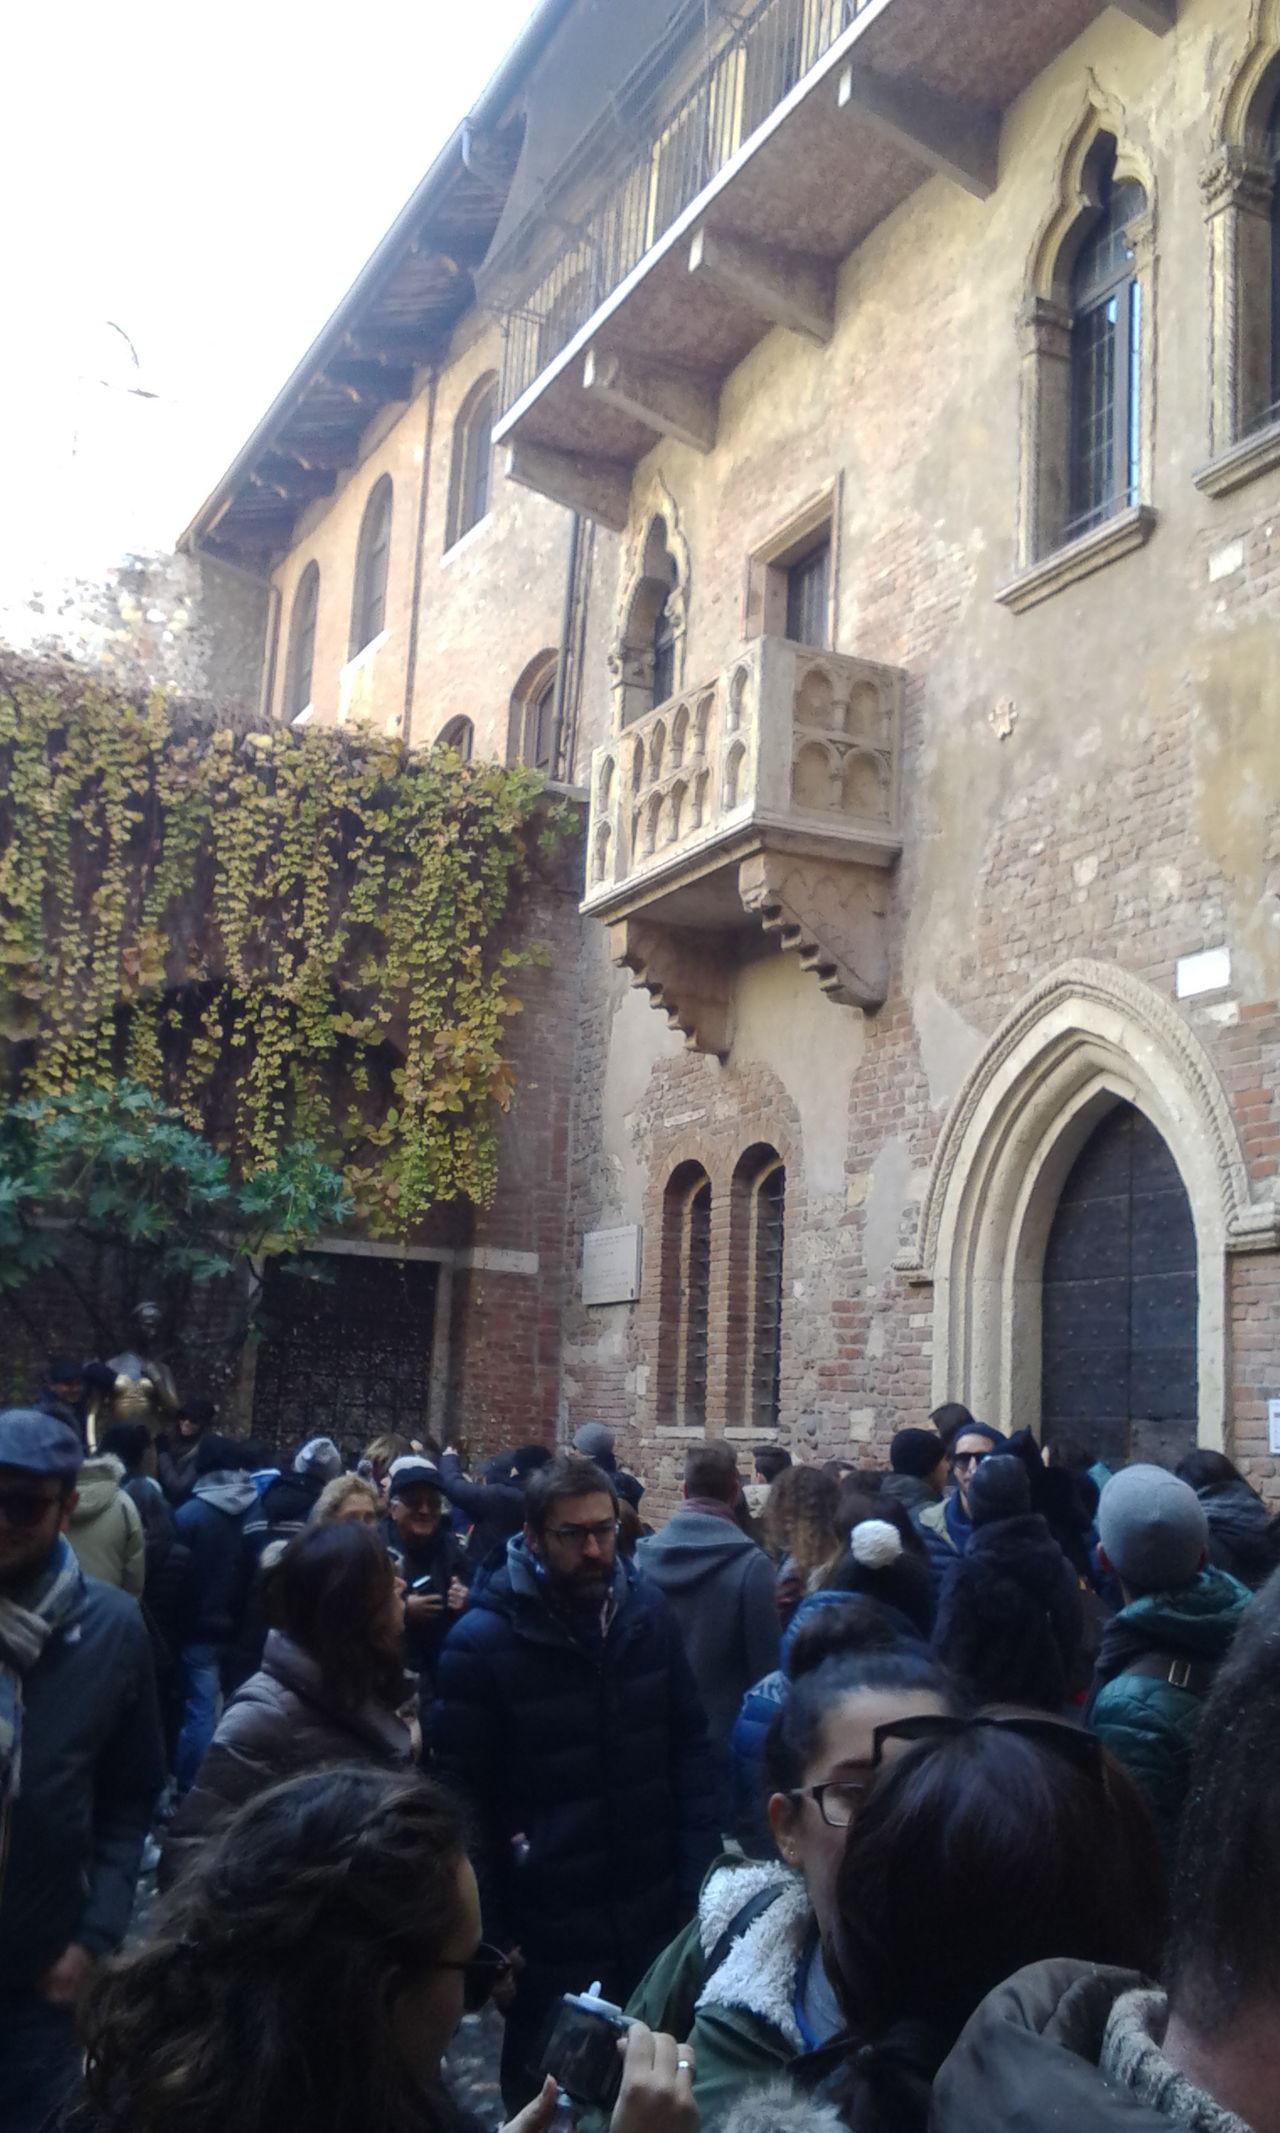 Verona: Romeo and Juliet's balcony Love♡